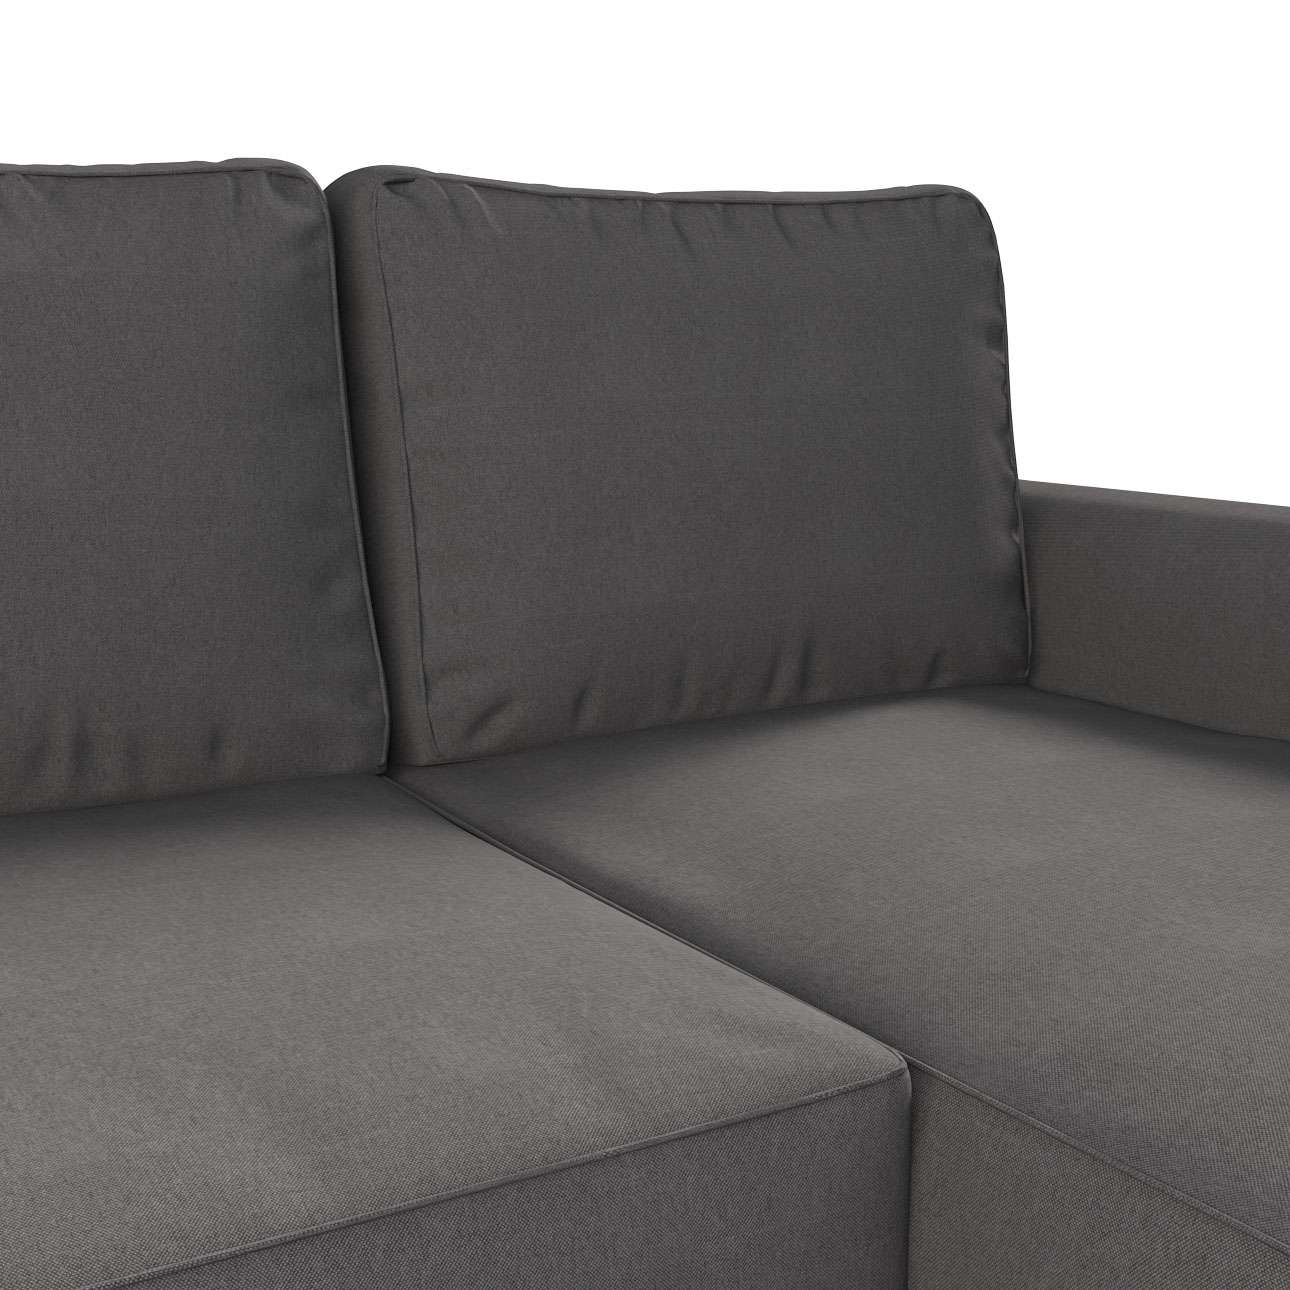 Pokrowiec na sofę Backabro rozkładaną z leżanką sofa Backabro rozkładana z leżanką w kolekcji Etna , tkanina: 705-35